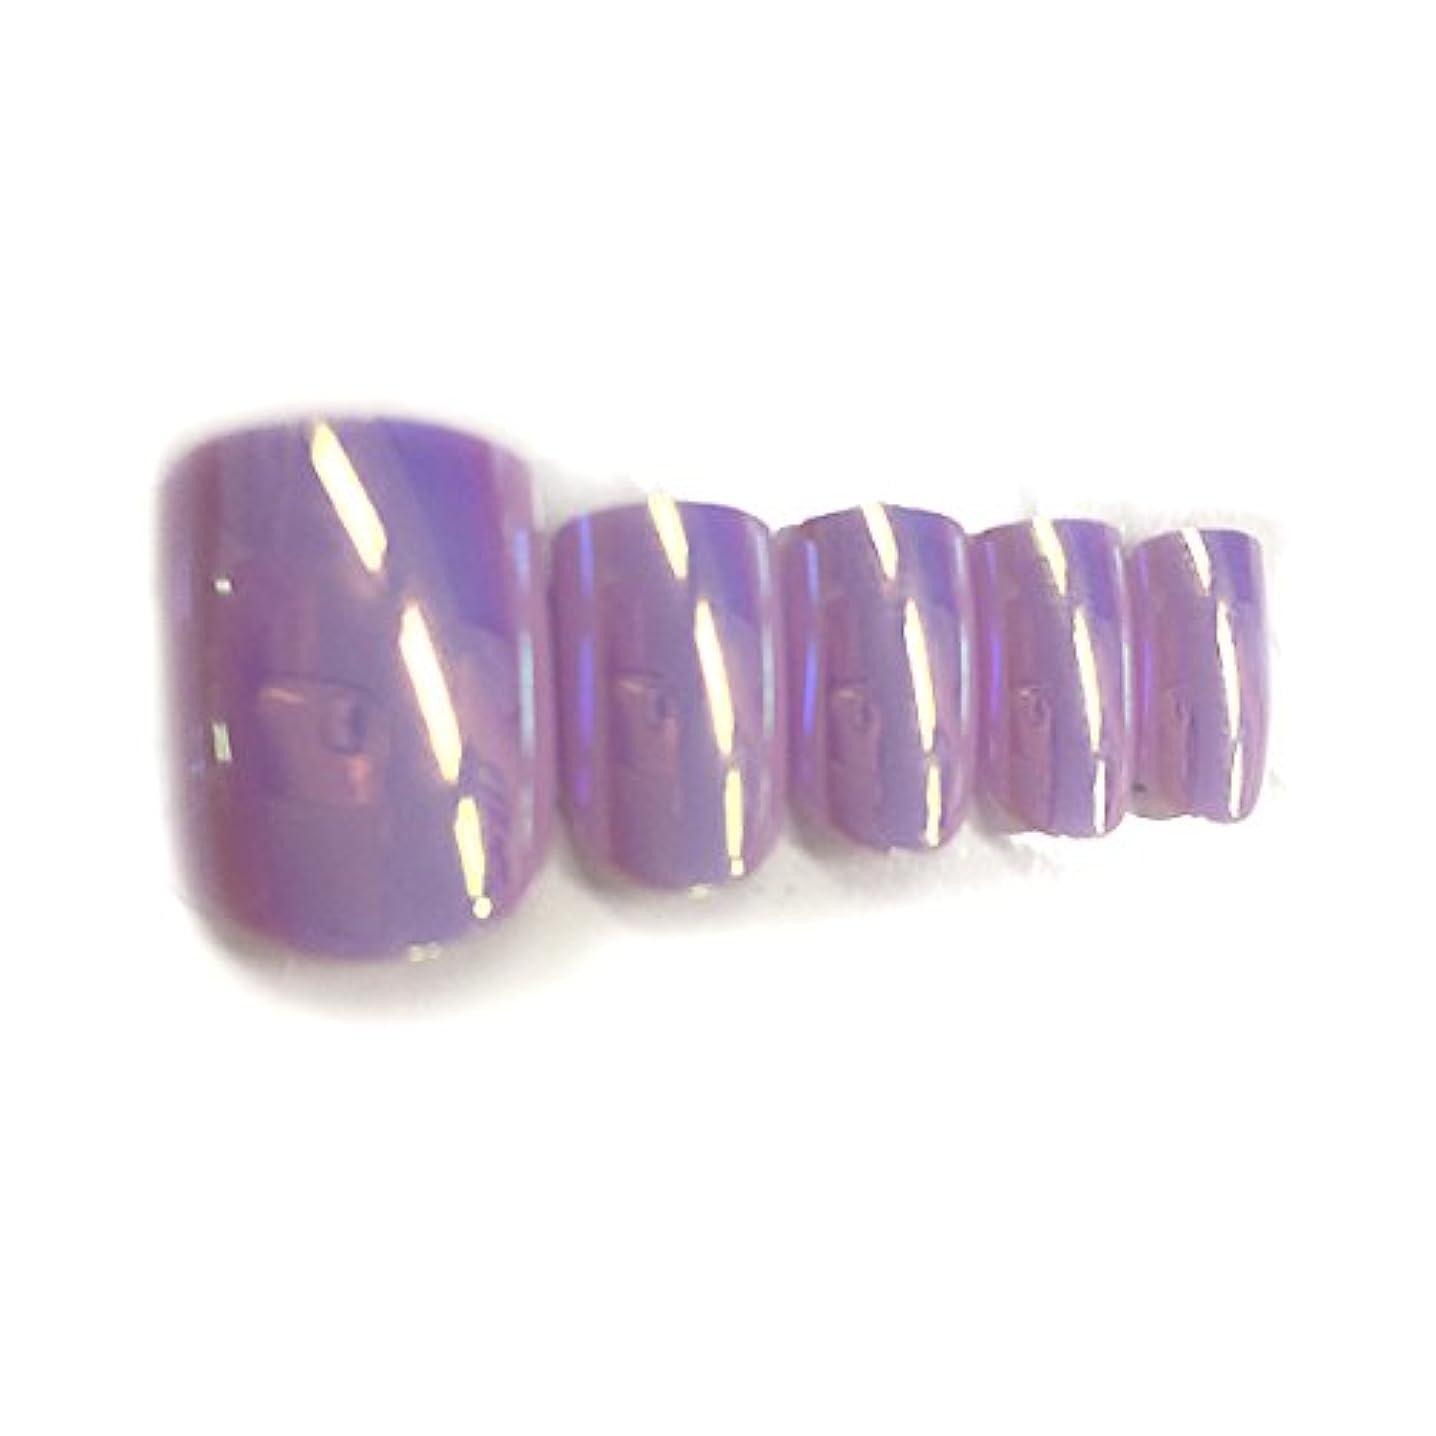 遊具デコードするイブニング< OMD > Feel soft Nail tip No.6 パステルパープル (84枚入り) [ ペディキュアチップ ペディチップ ペディキュアネイルチップ ミラーチップ 足用ネイルチップ フットネイルチップ 親指...